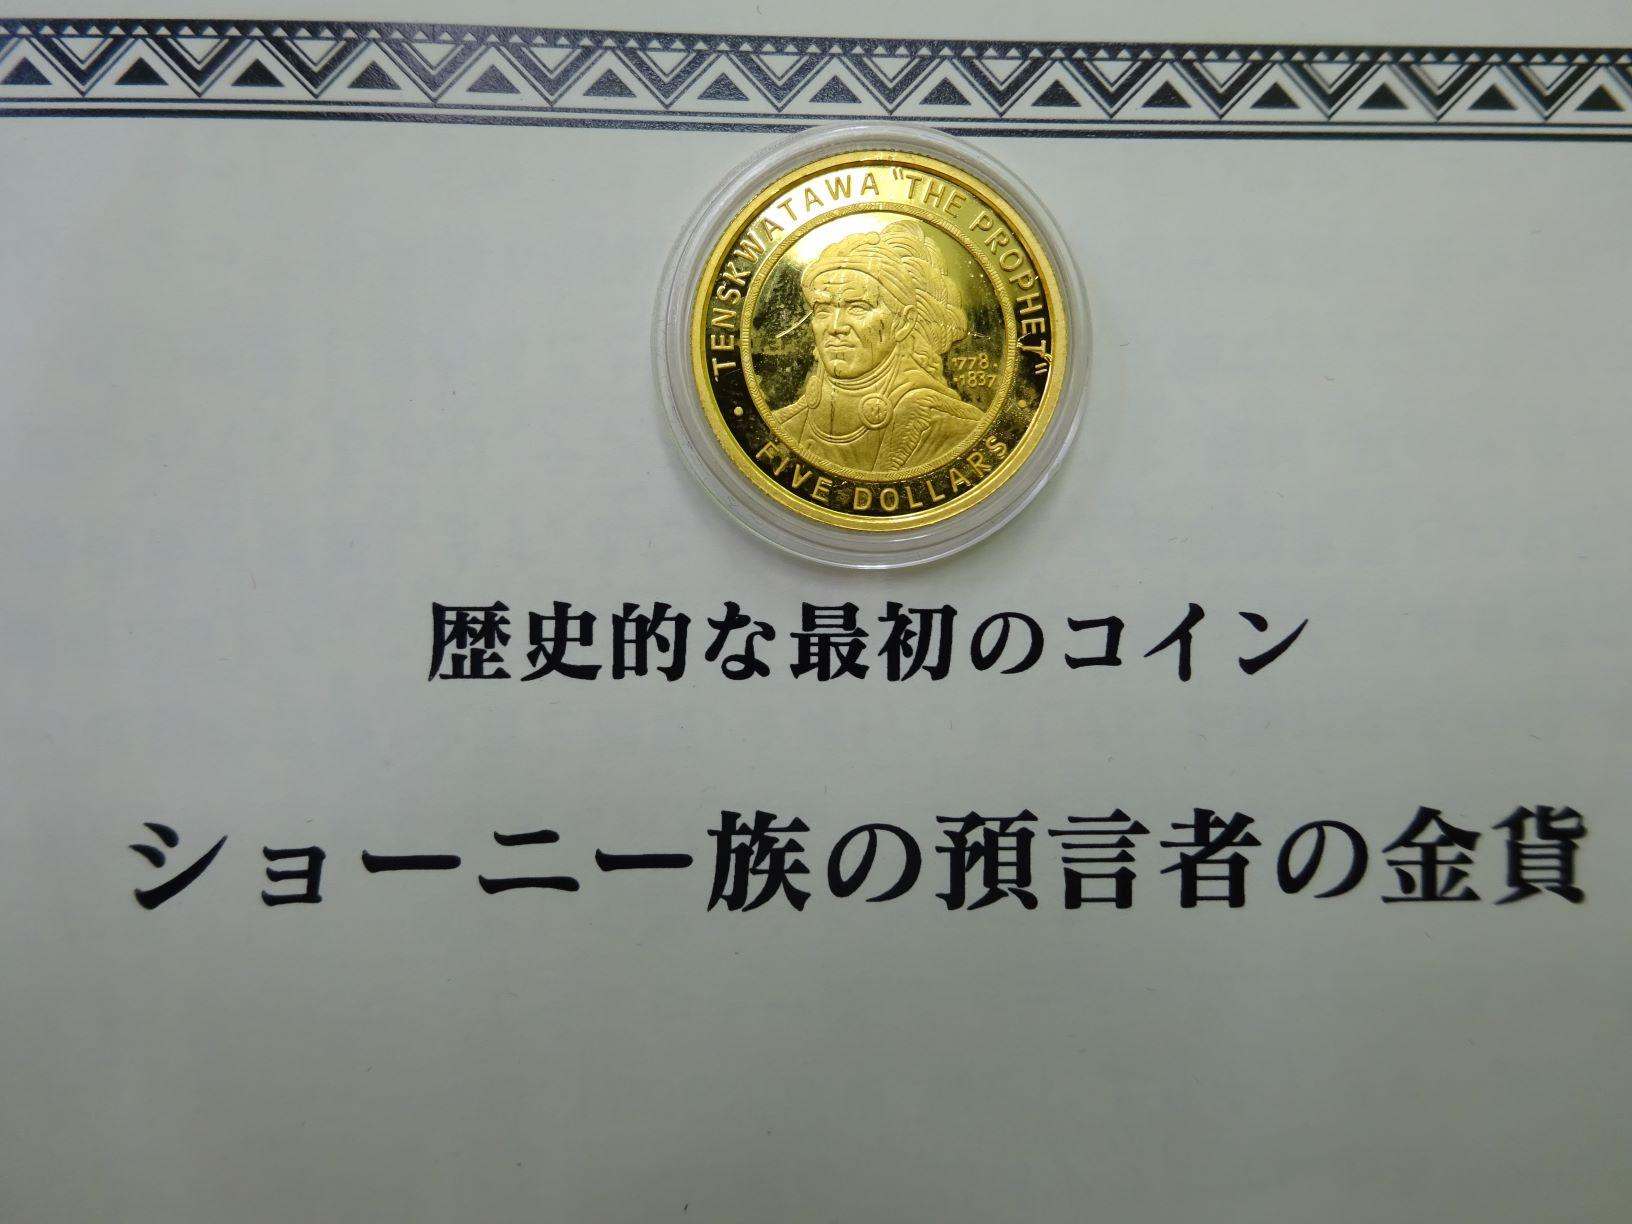 アメリカ金貨 ショーニー族の預言者の金貨